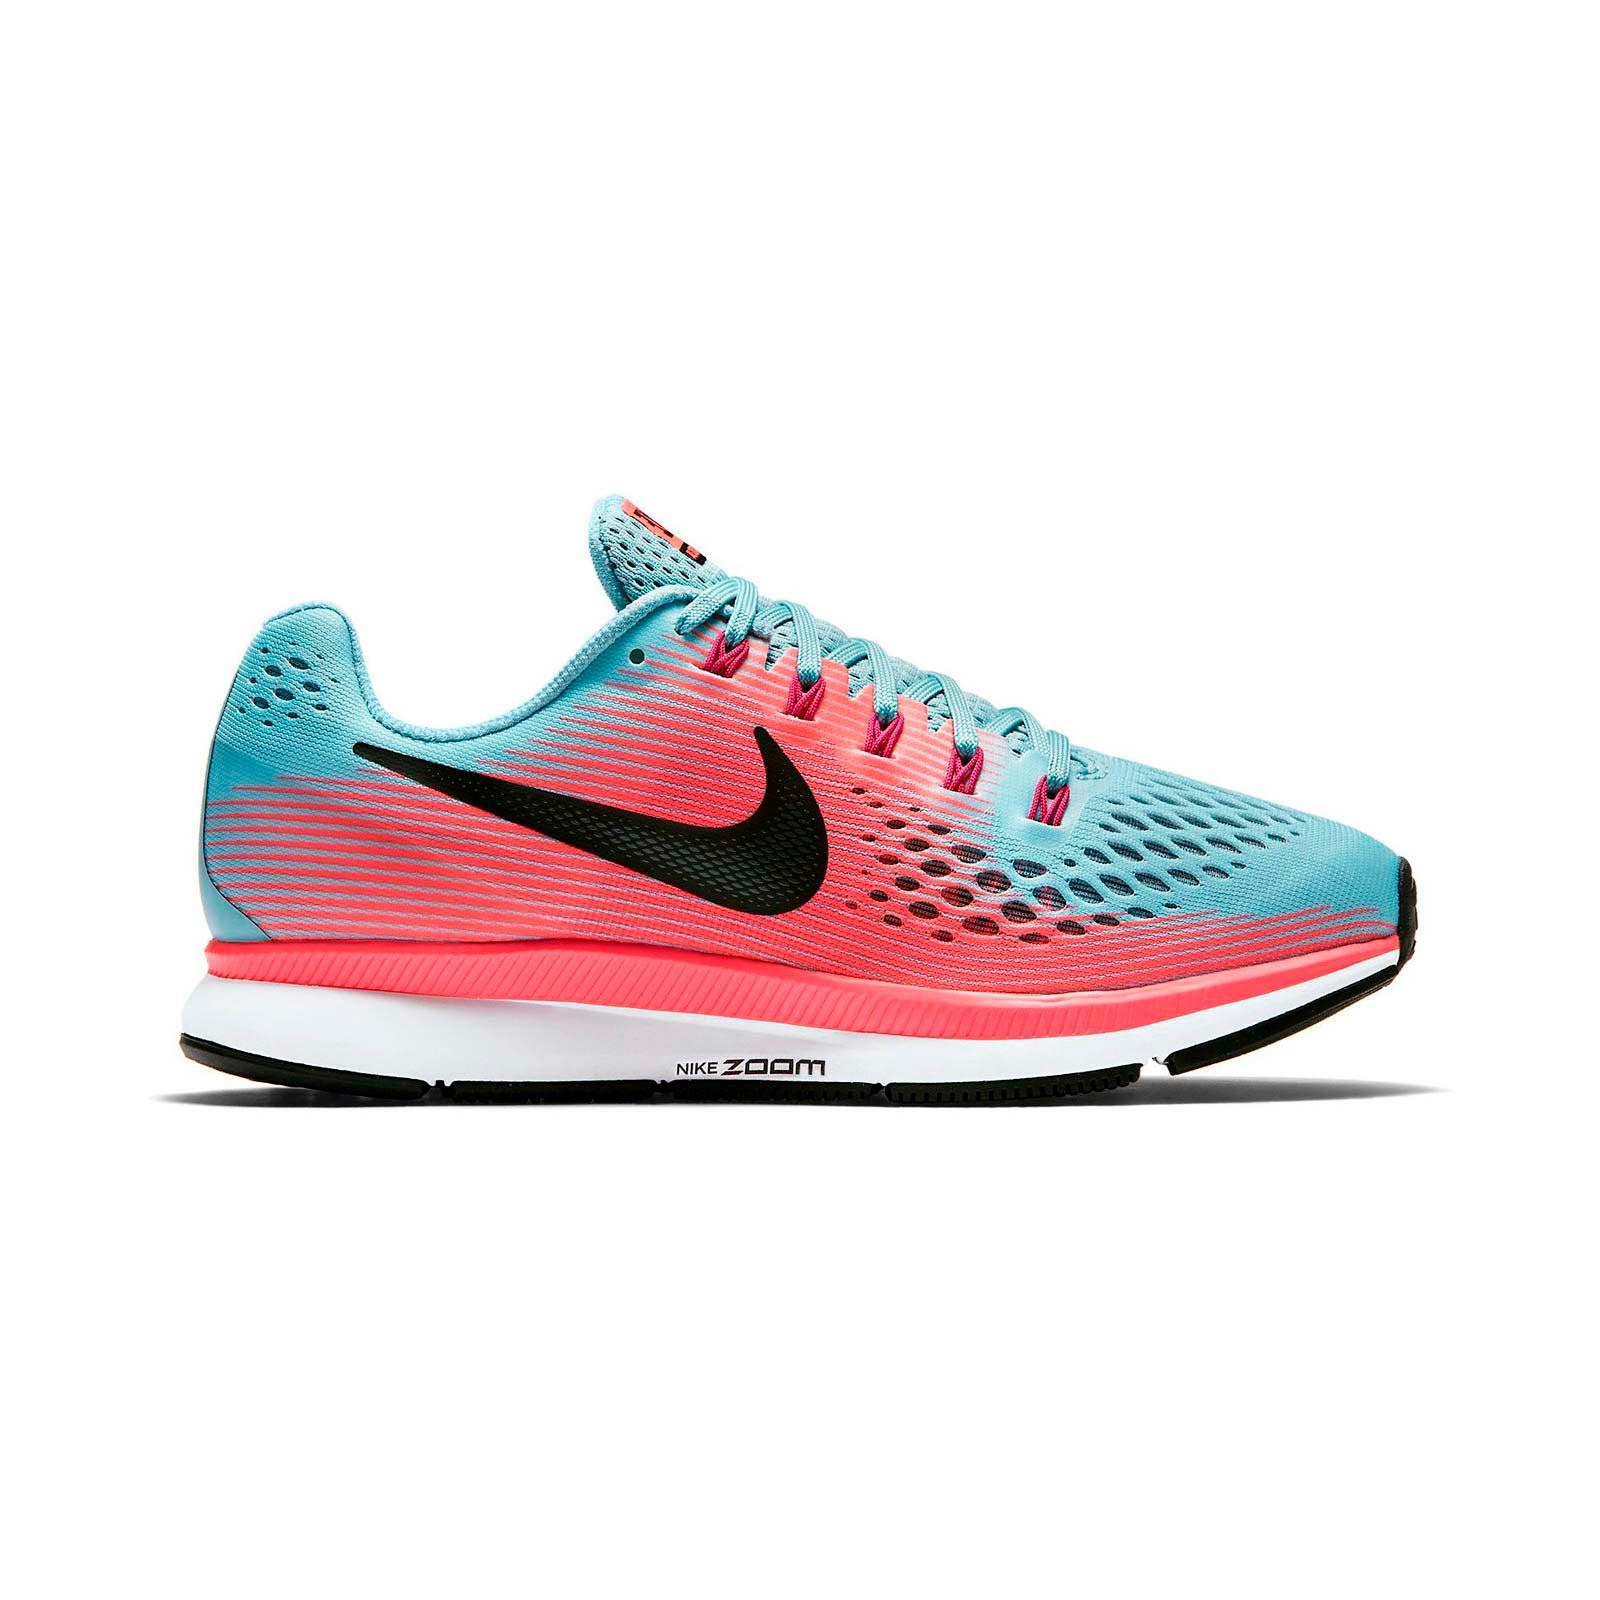 toque harina Bombardeo  Zapatillas Nike Wmns Air Zoom Pegasus 34 Running para Mujer   Runa Store